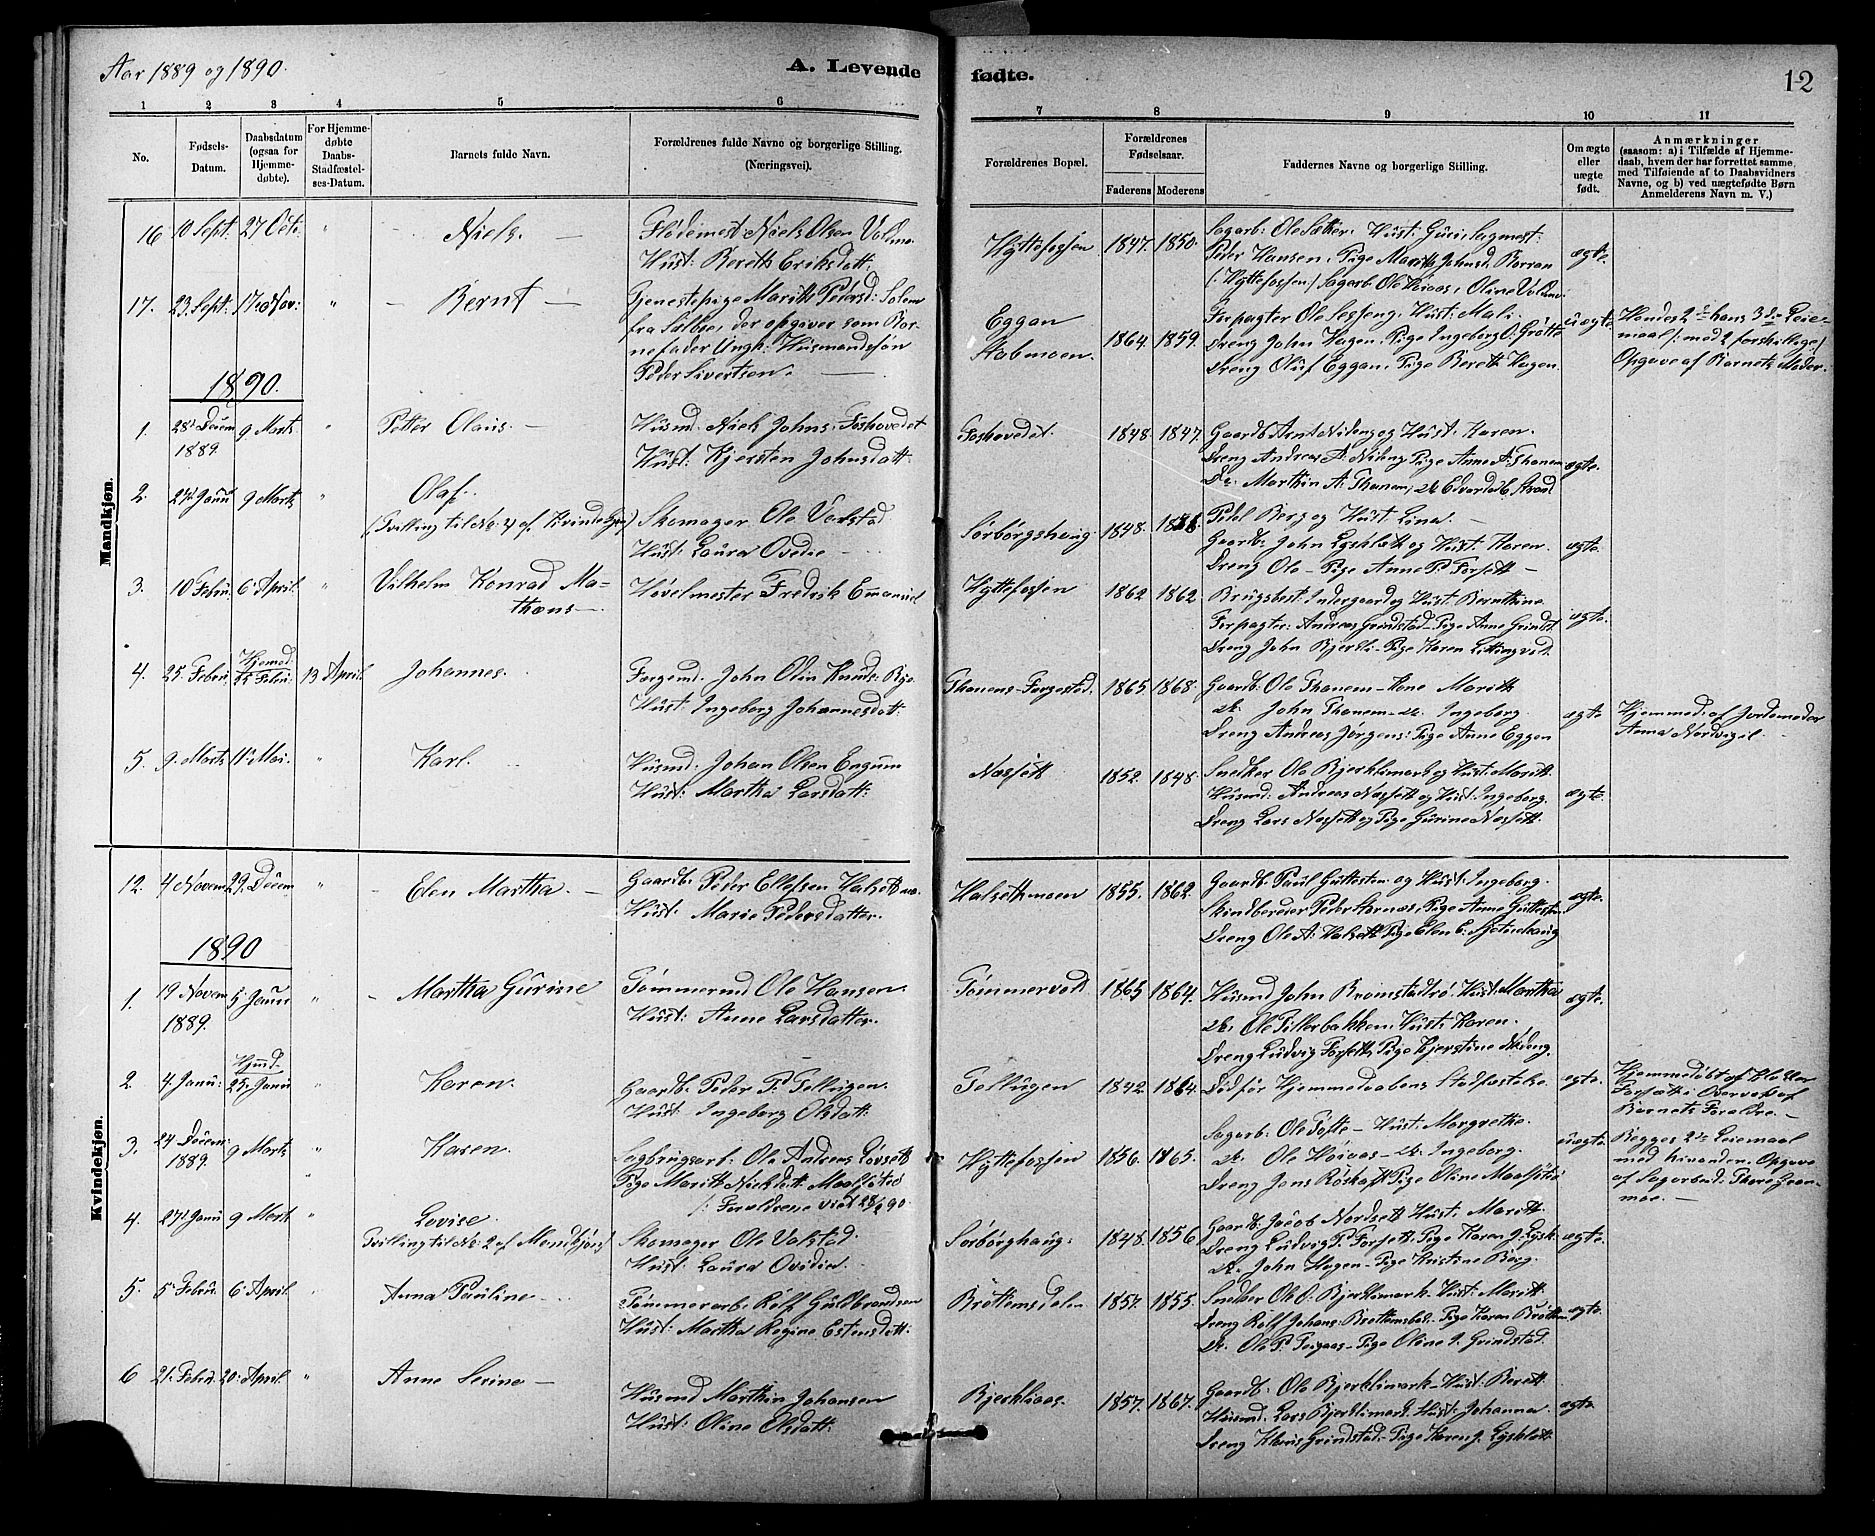 SAT, Ministerialprotokoller, klokkerbøker og fødselsregistre - Sør-Trøndelag, 618/L0452: Klokkerbok nr. 618C03, 1884-1906, s. 12